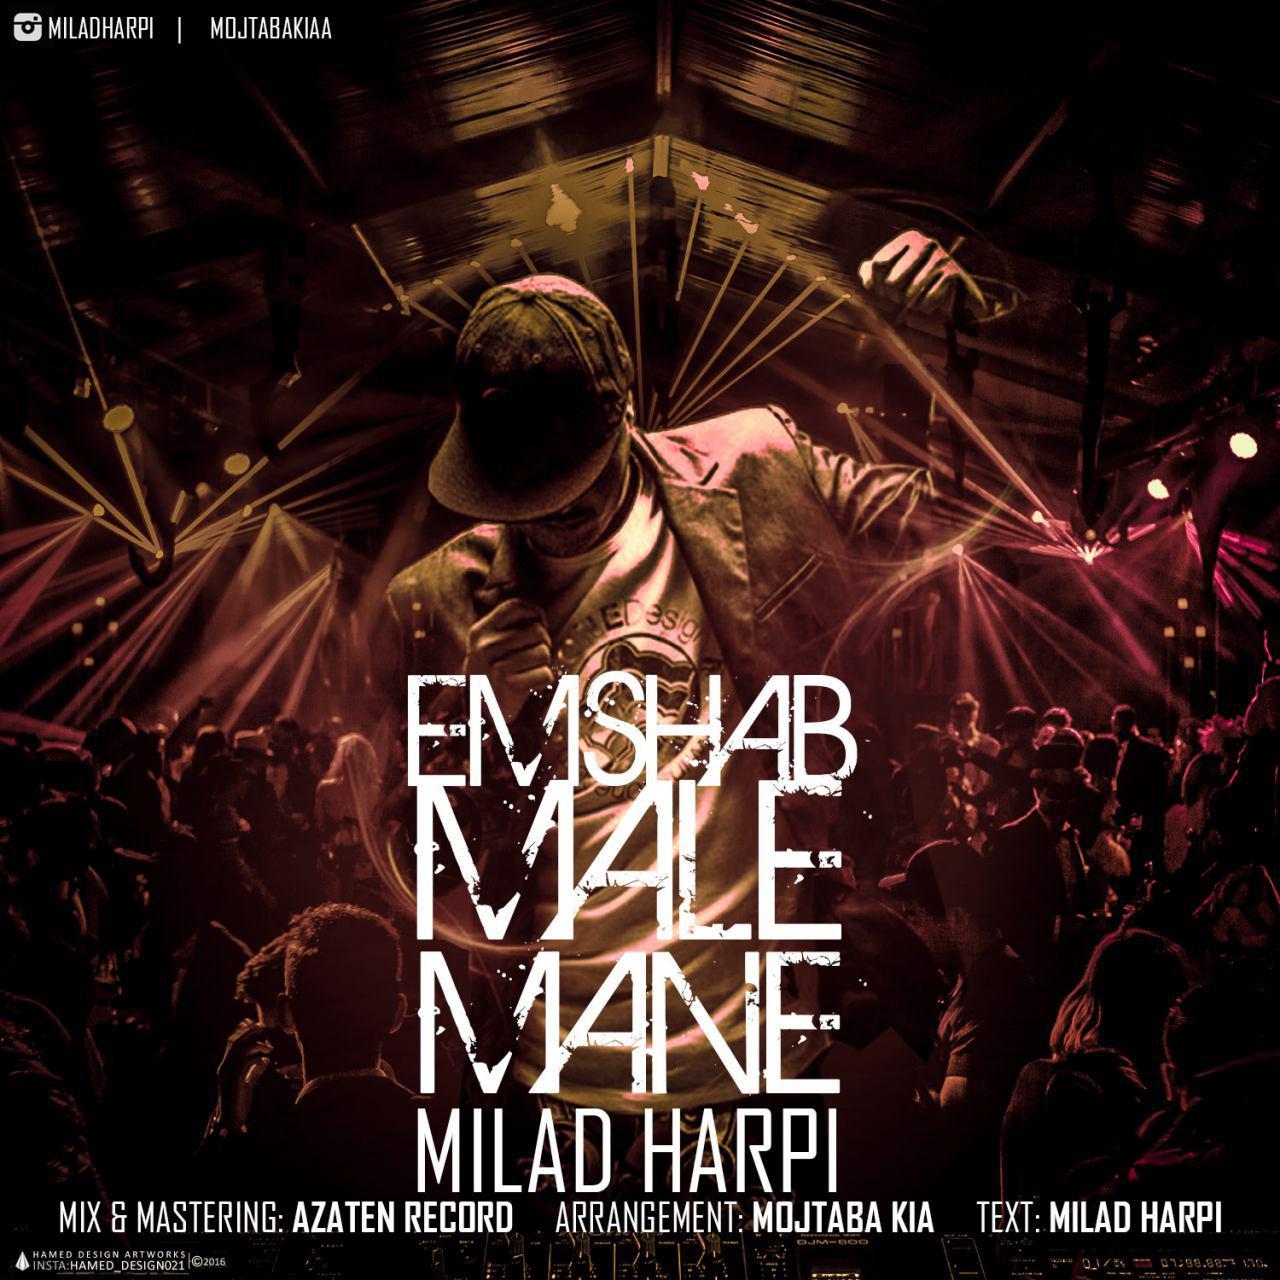 Milad Harpi – Emshab Male Mane